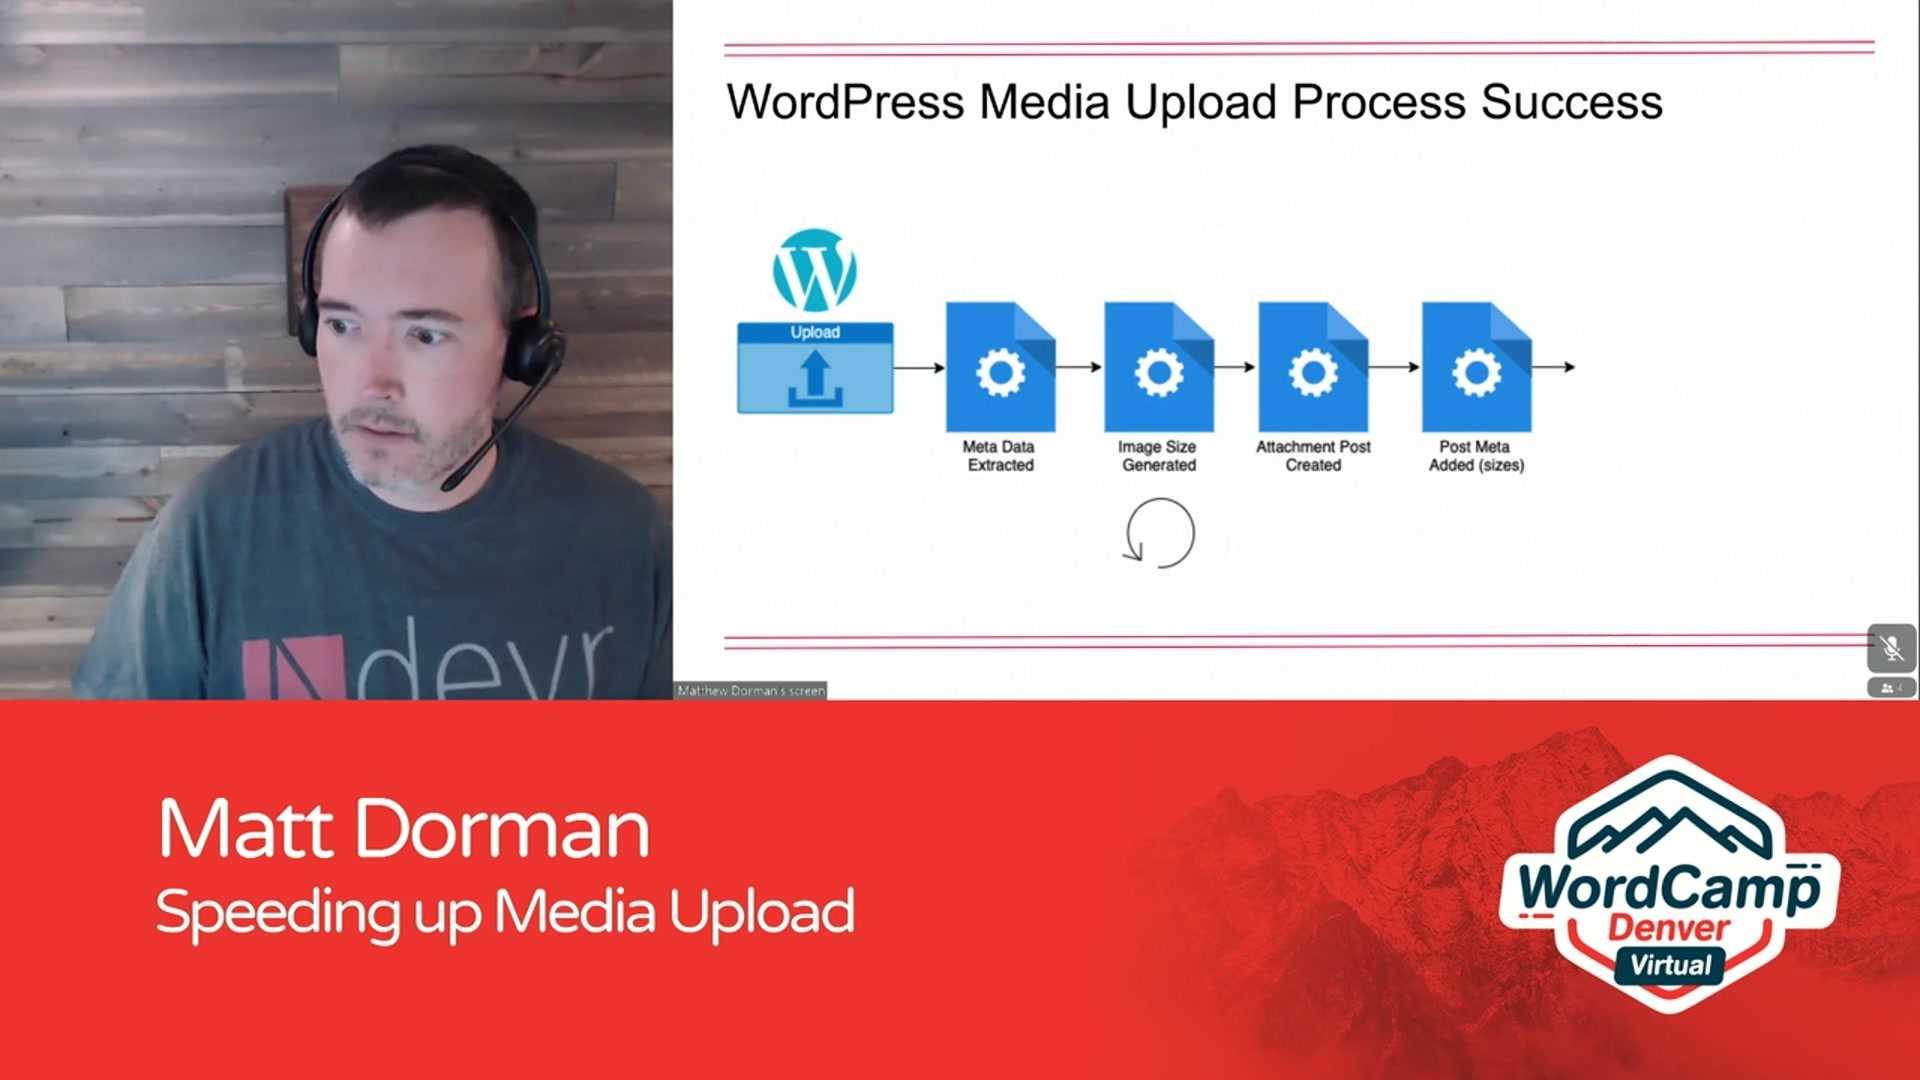 Matt Dorman: Speeding up Media Upload